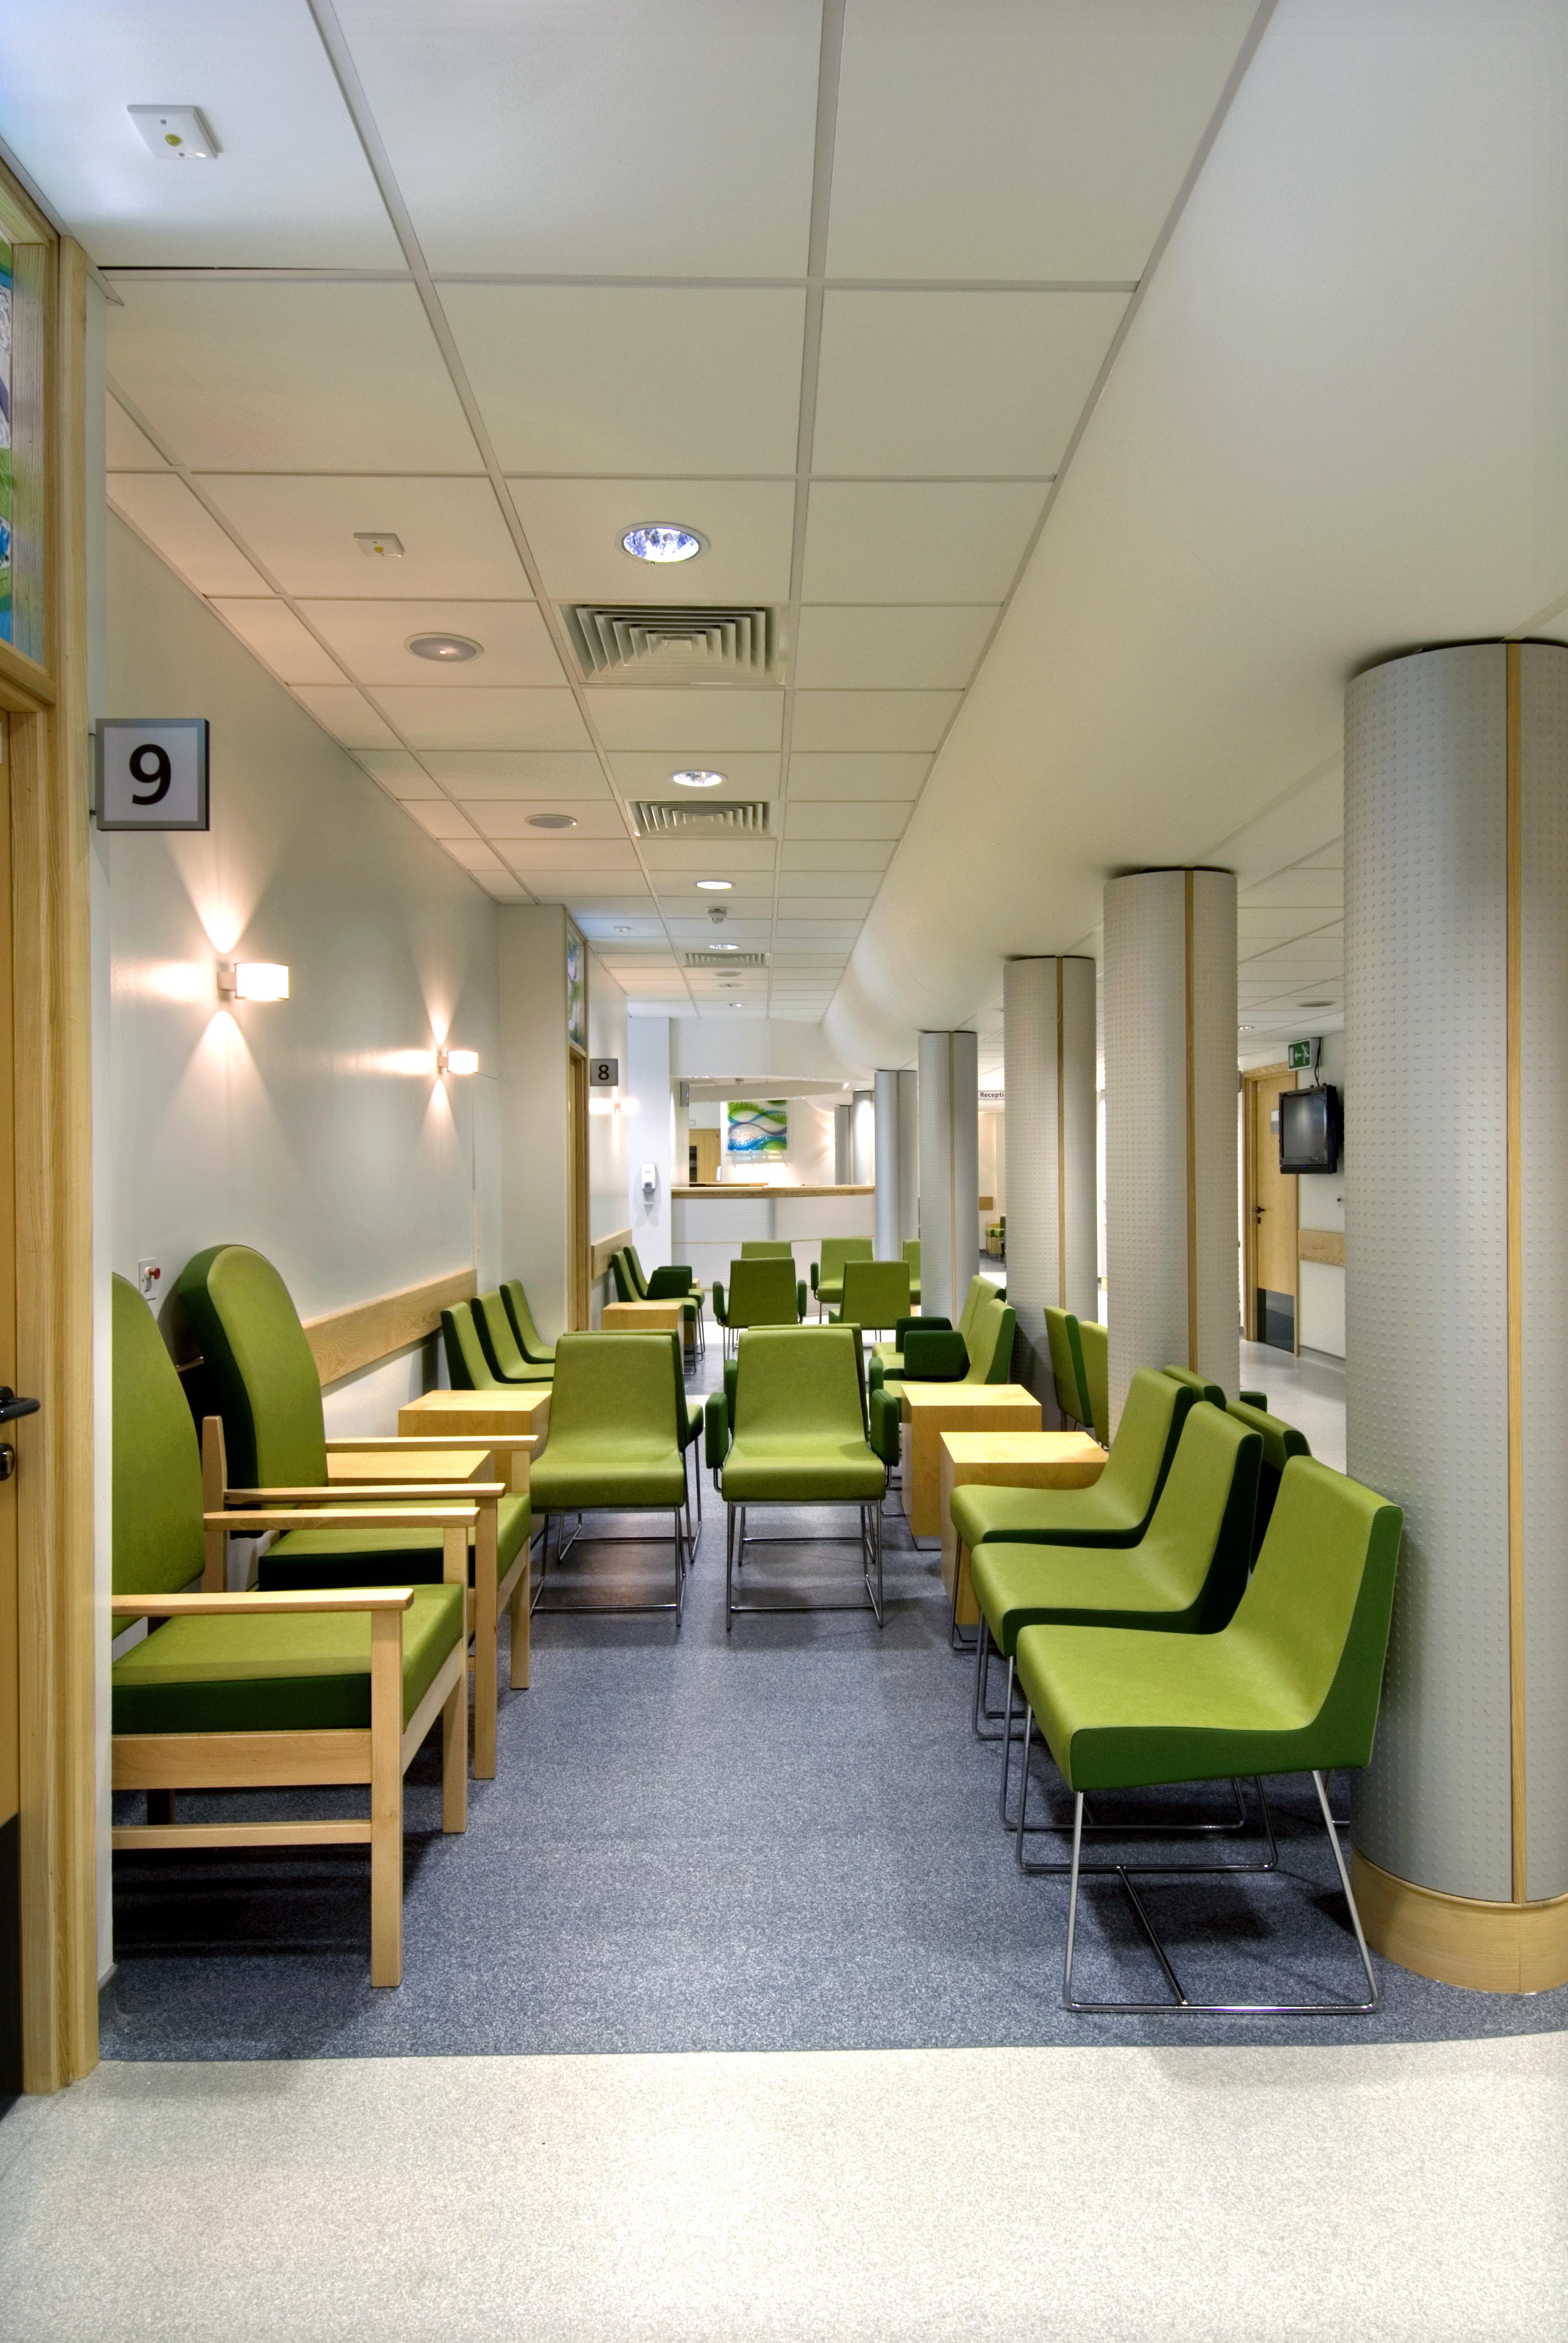 frimley-park-hospital-sept-09-12